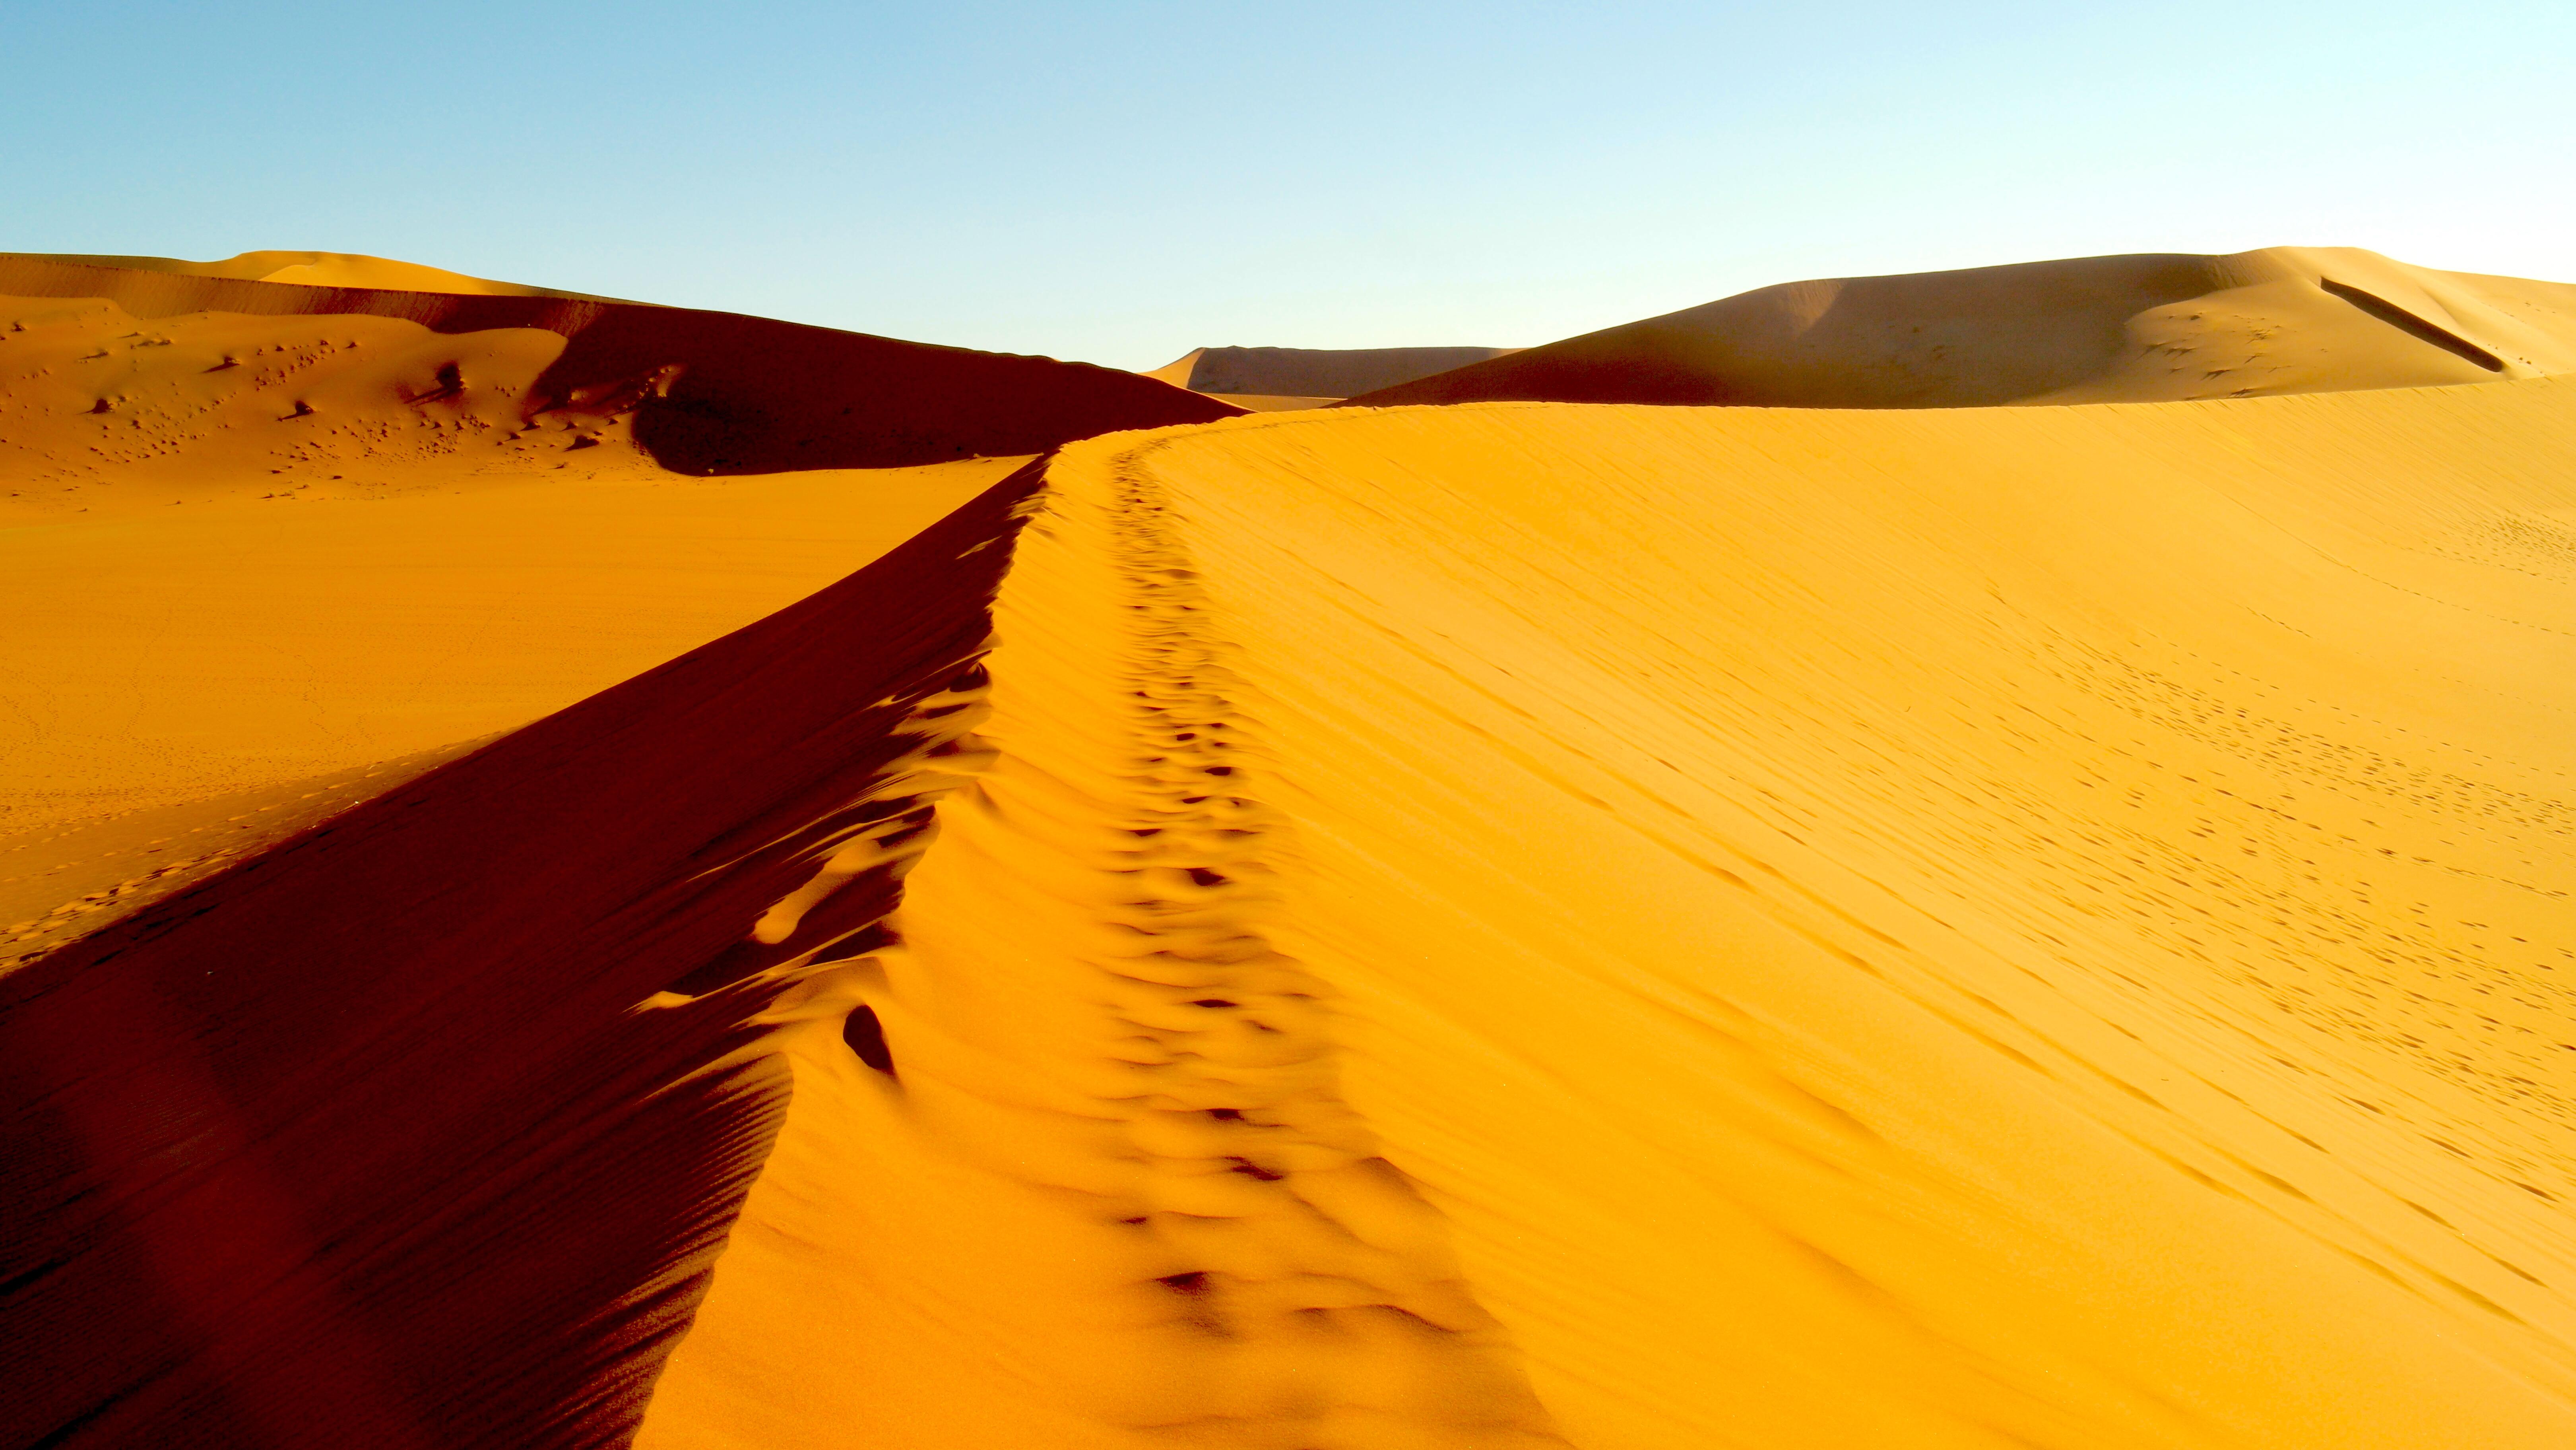 namib-desert-dunes-deadvlei-lustforthesublime